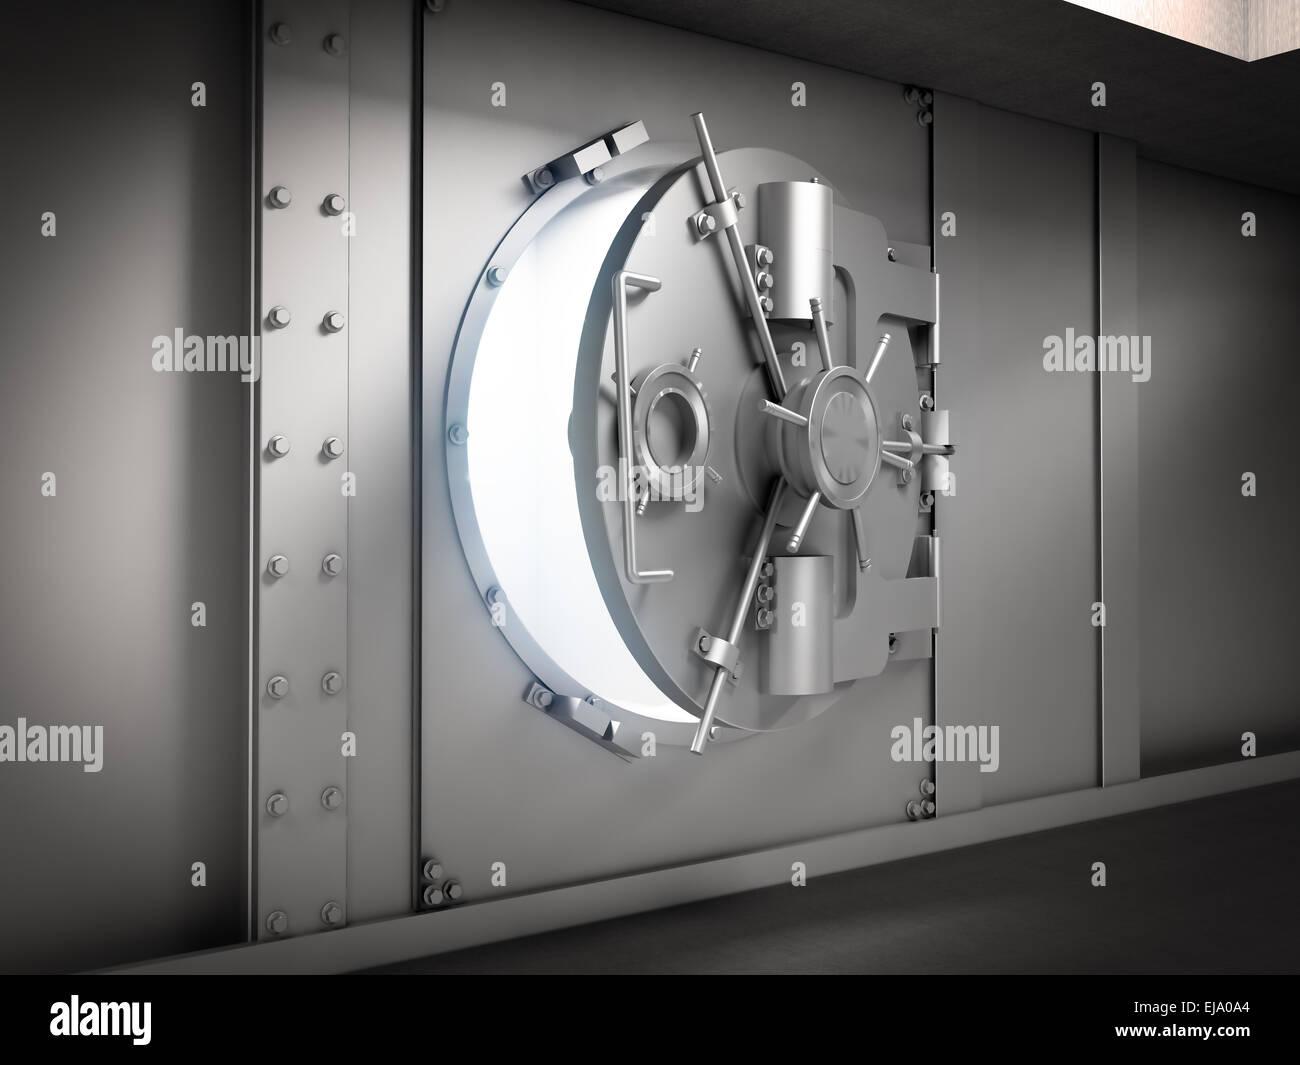 Slightly opened door to a massive bank vault - Stock Image